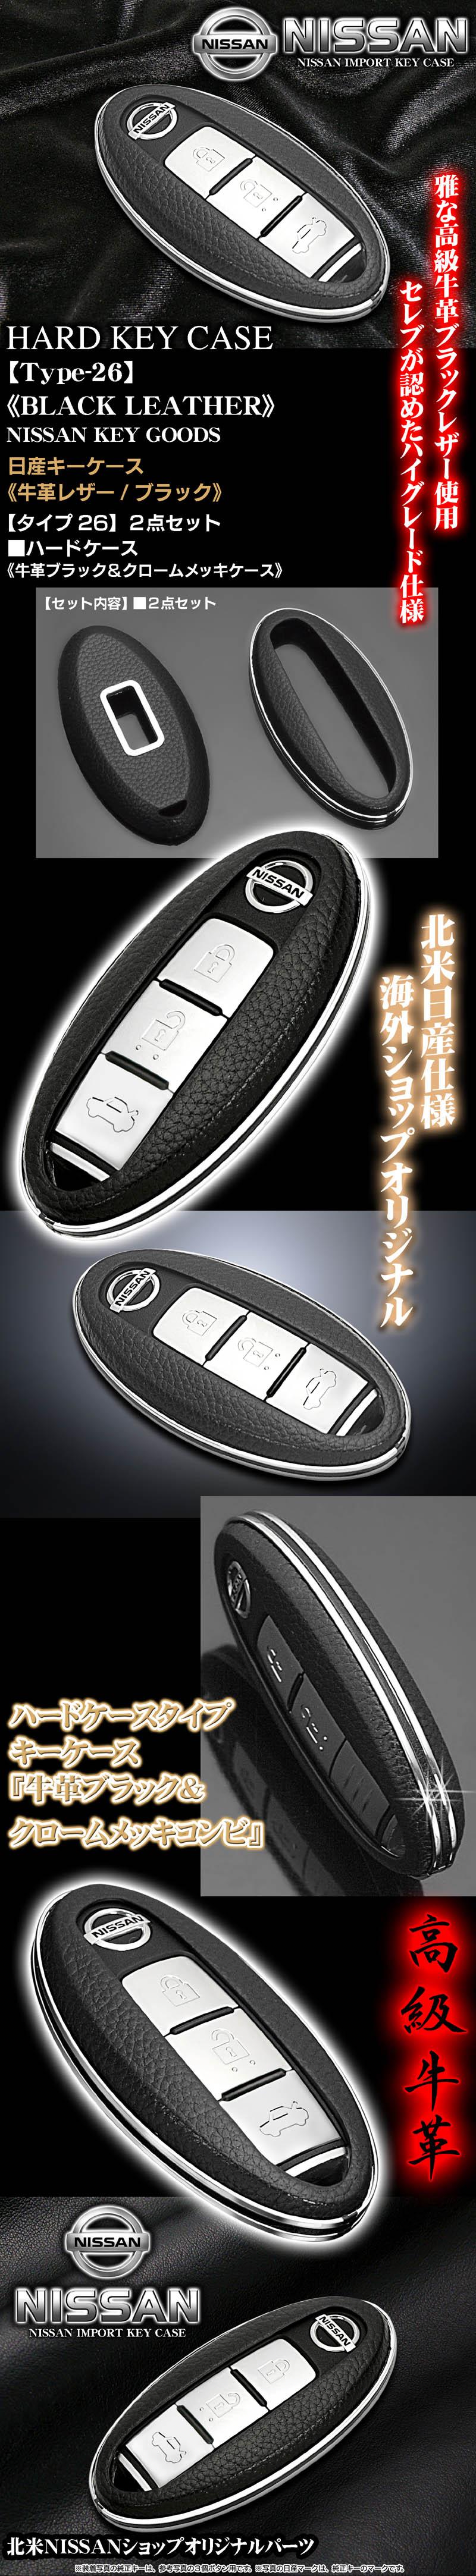 【タイプ26】GT-R/フェアレディZ/日産キーケース/インテリジェントキー/スマートキー[牛革ブラックレザー&メッキ]ハードケース/ブラガ